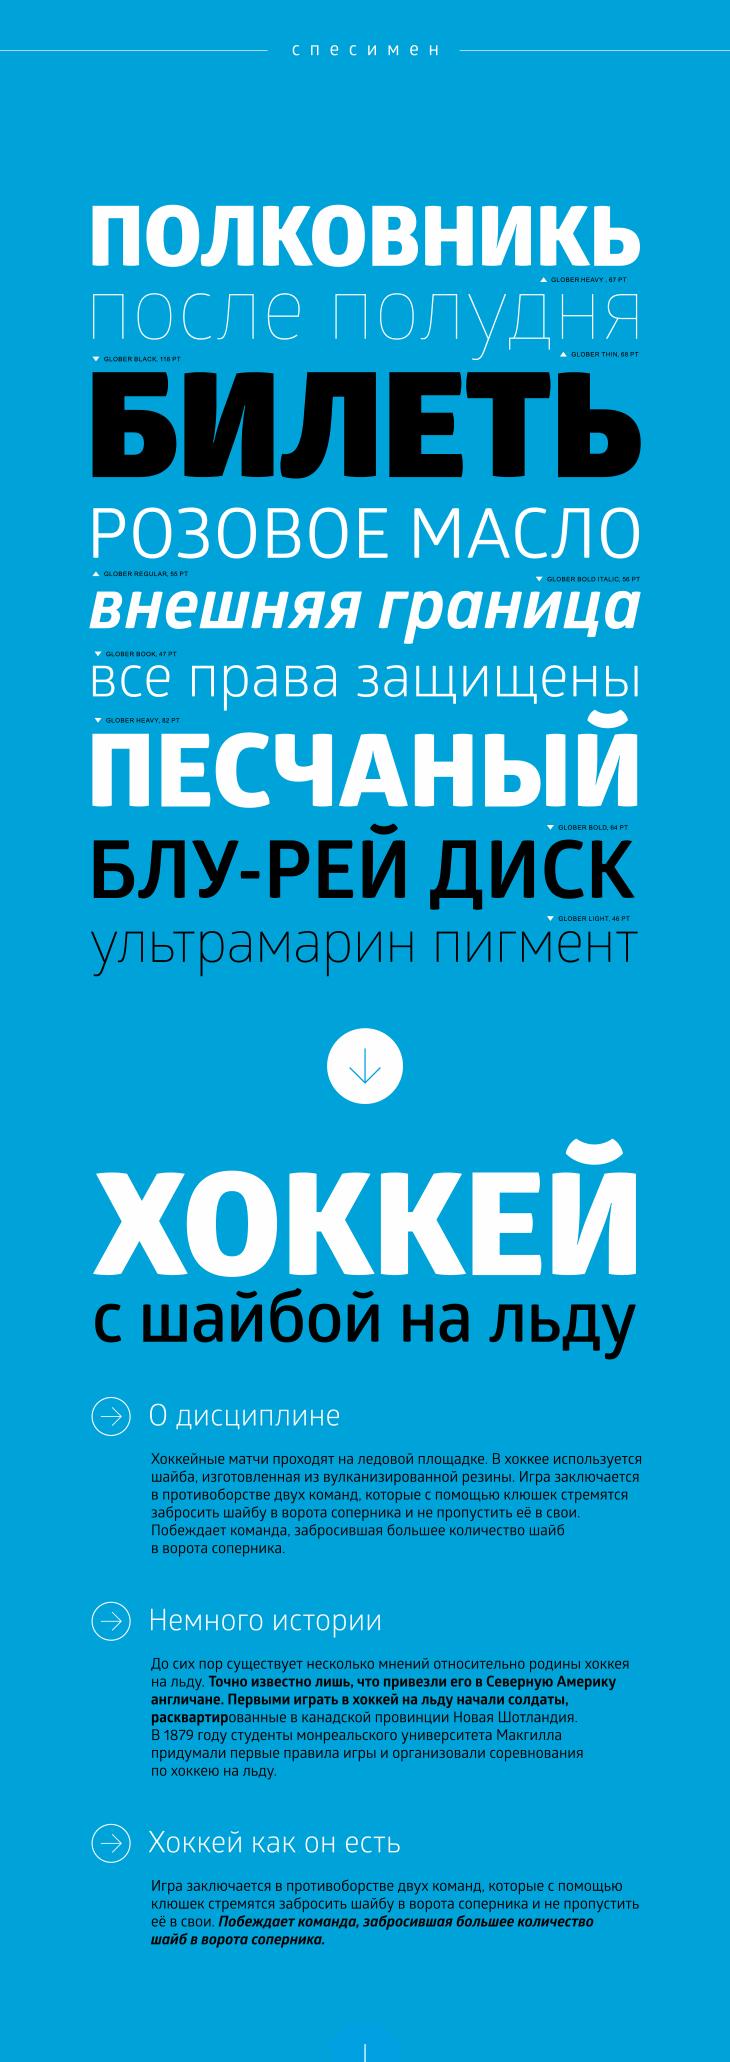 Шрифт Glober скачать бесплатно